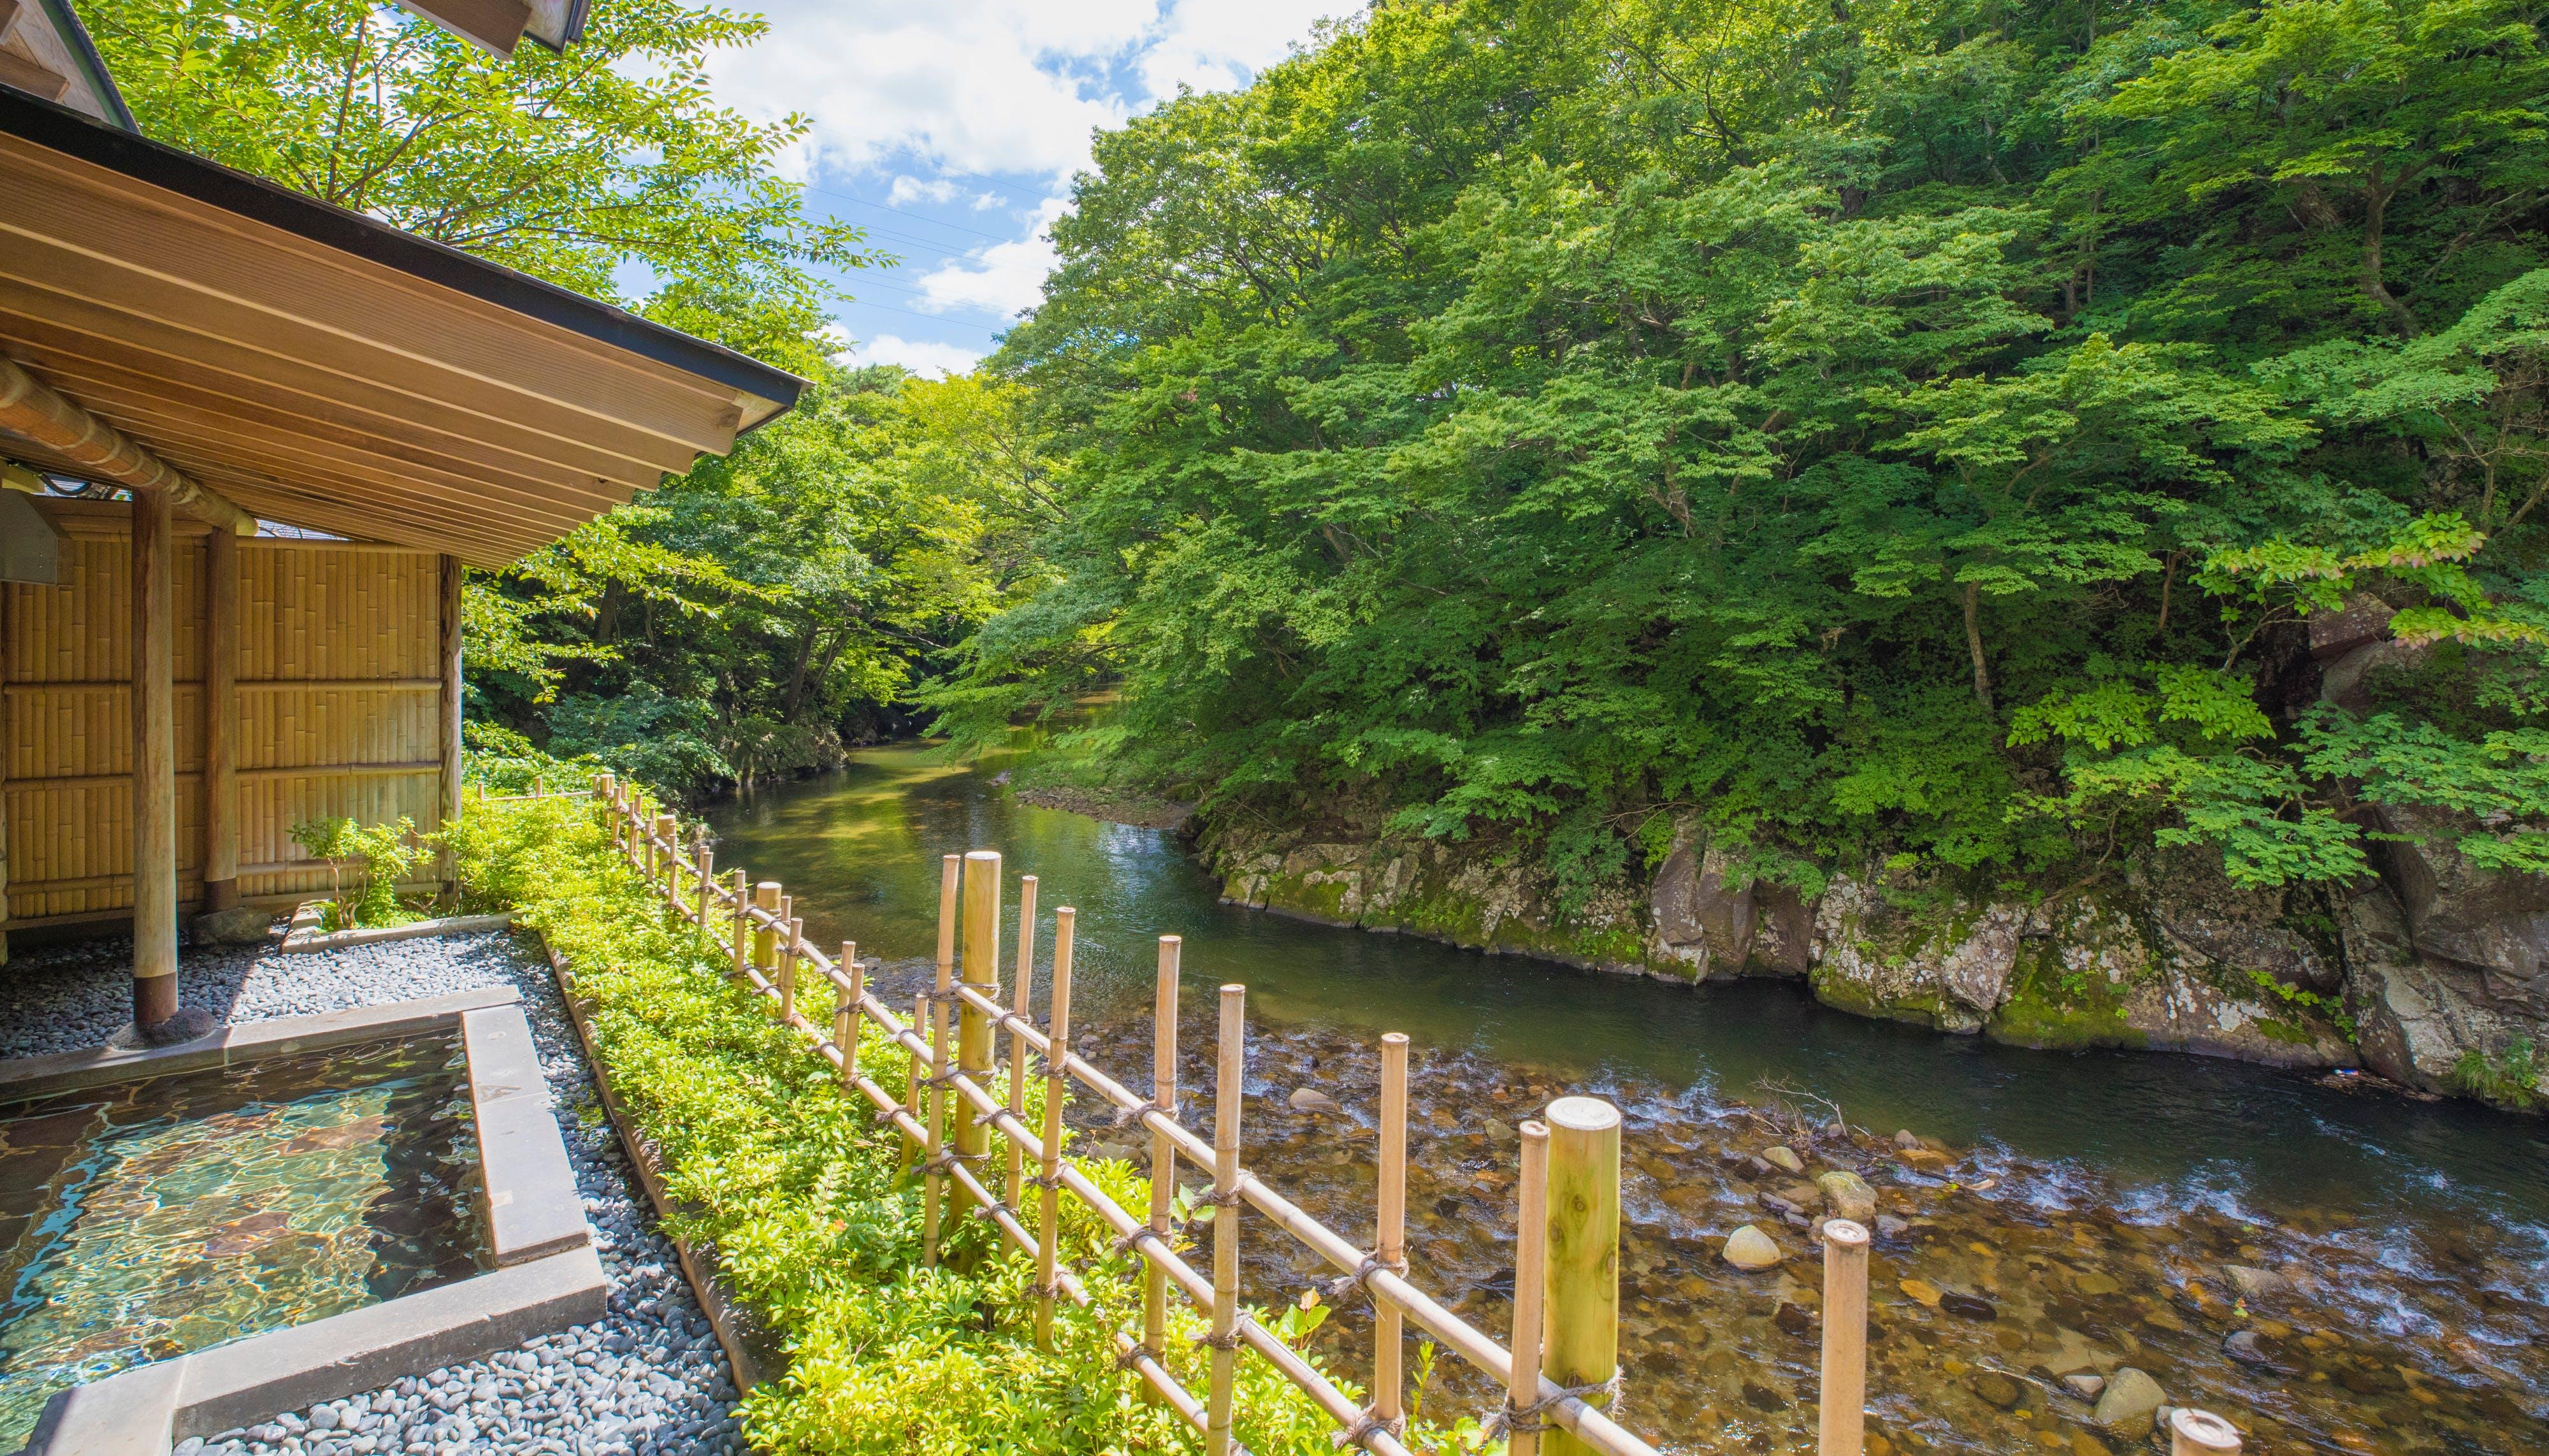 「1/fゆらぎ」に癒される渓流沿いの露天風呂 東日本編